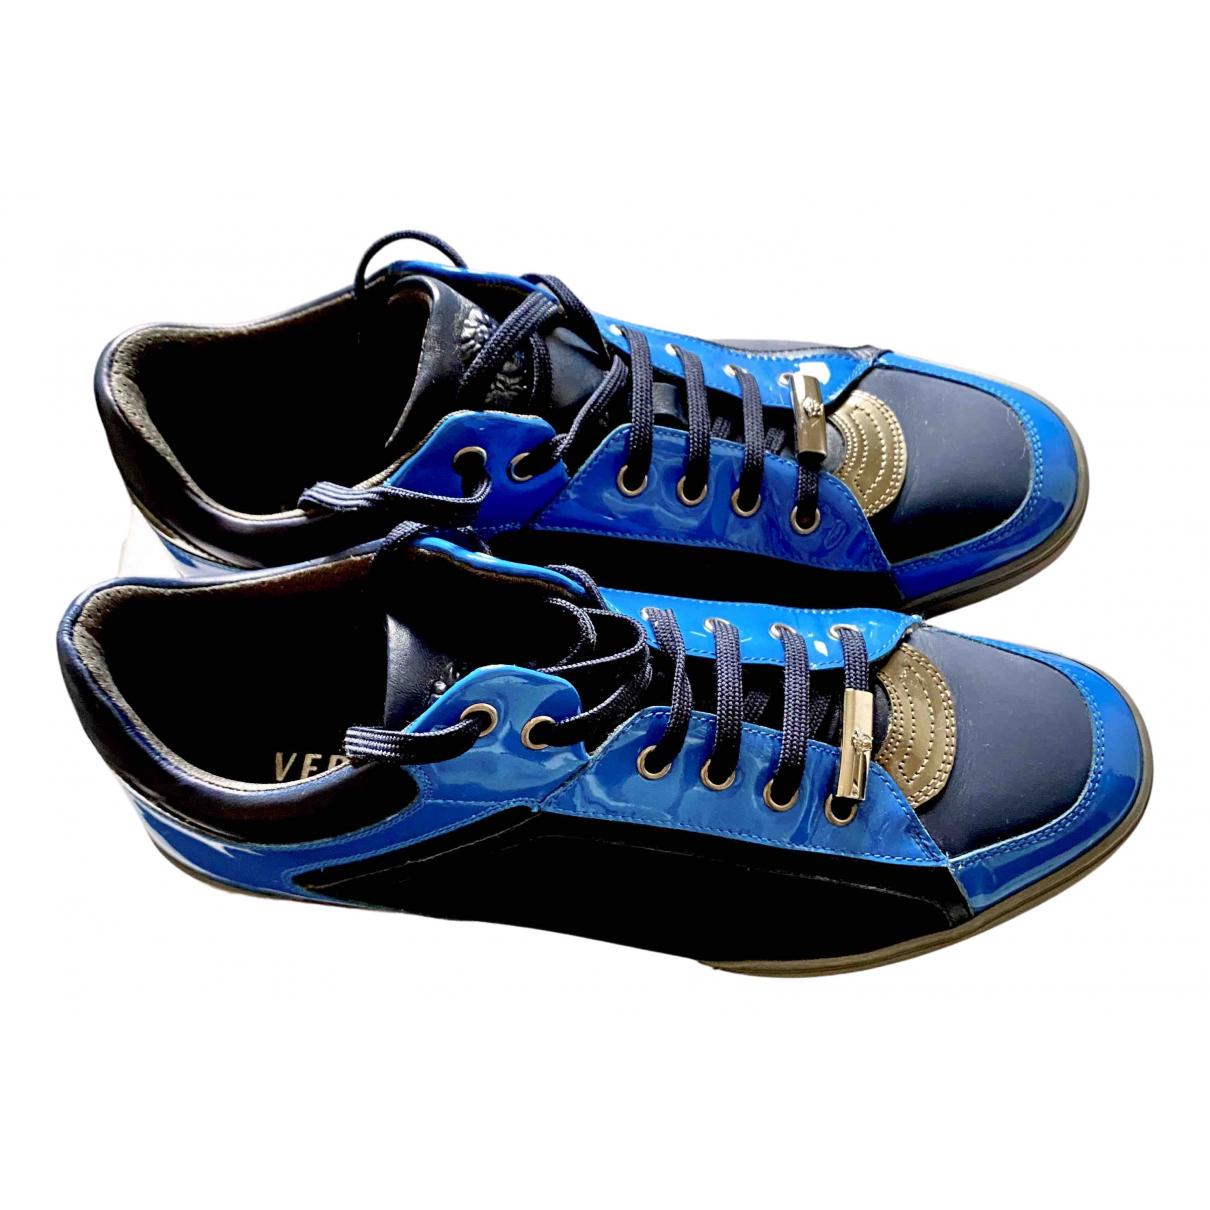 Versace - Baskets   pour homme en cuir - bleu